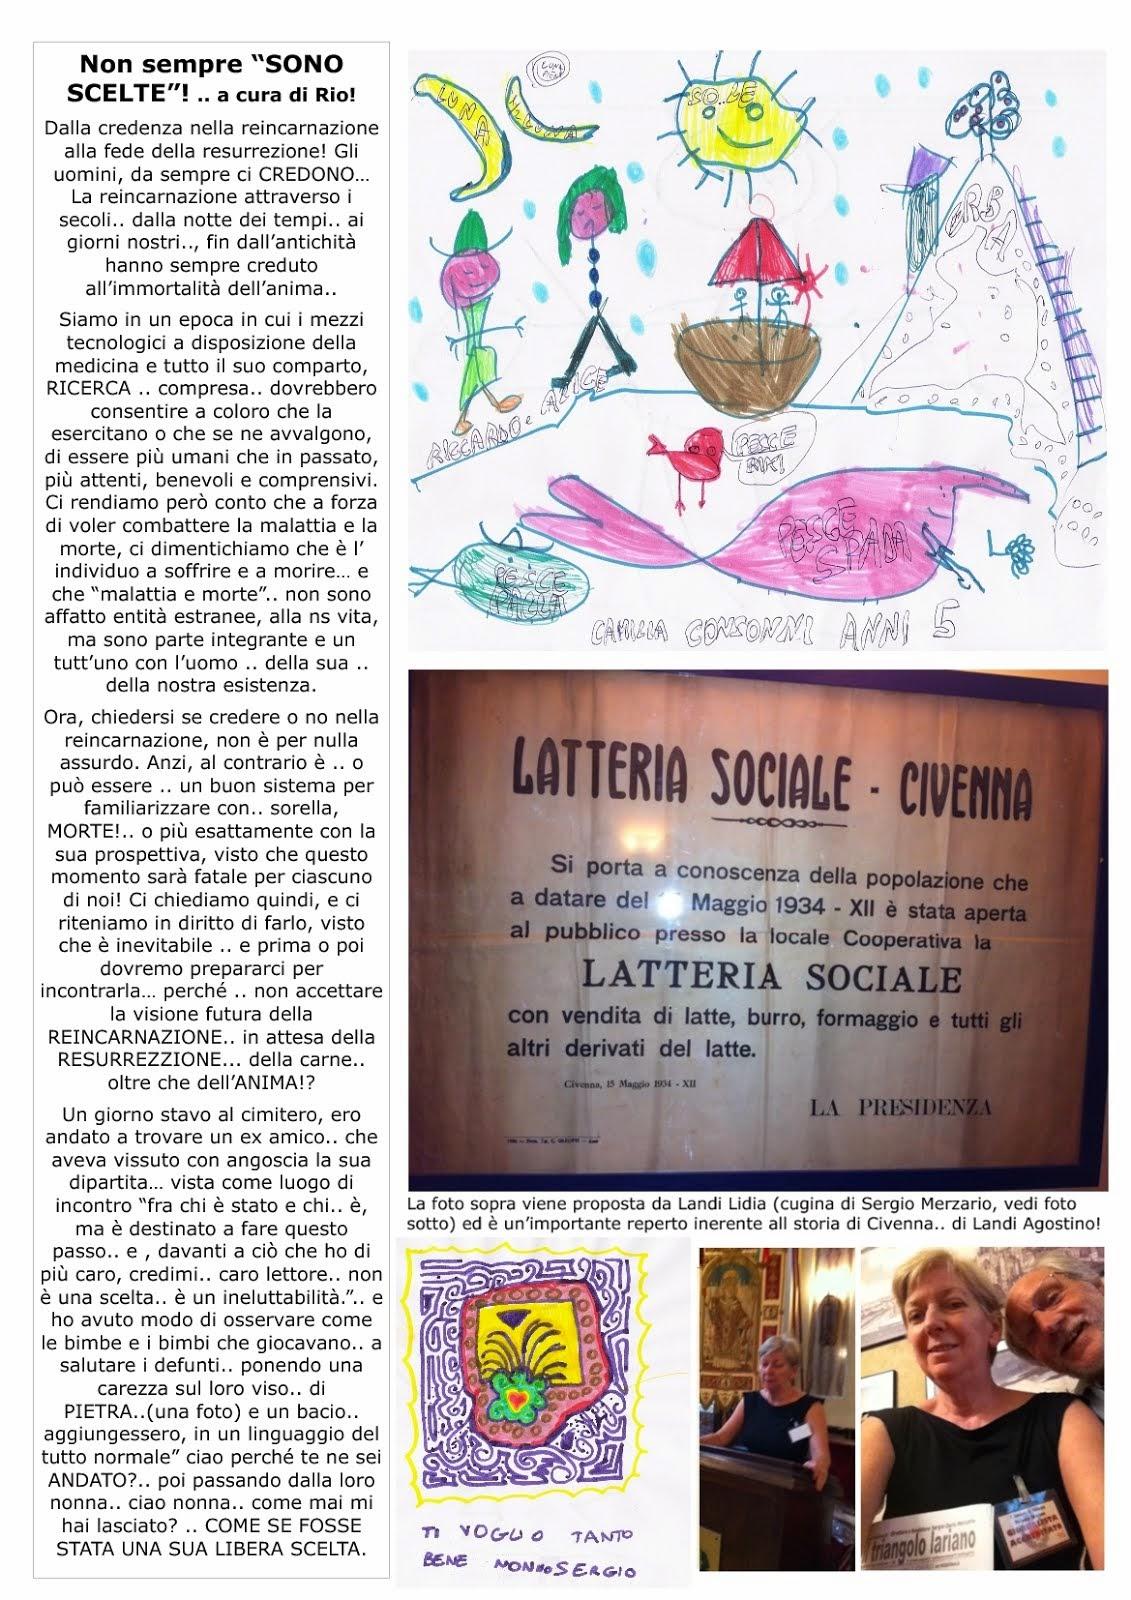 CONCORSO DI DISEGNO E POESIA 31 OTT 2014